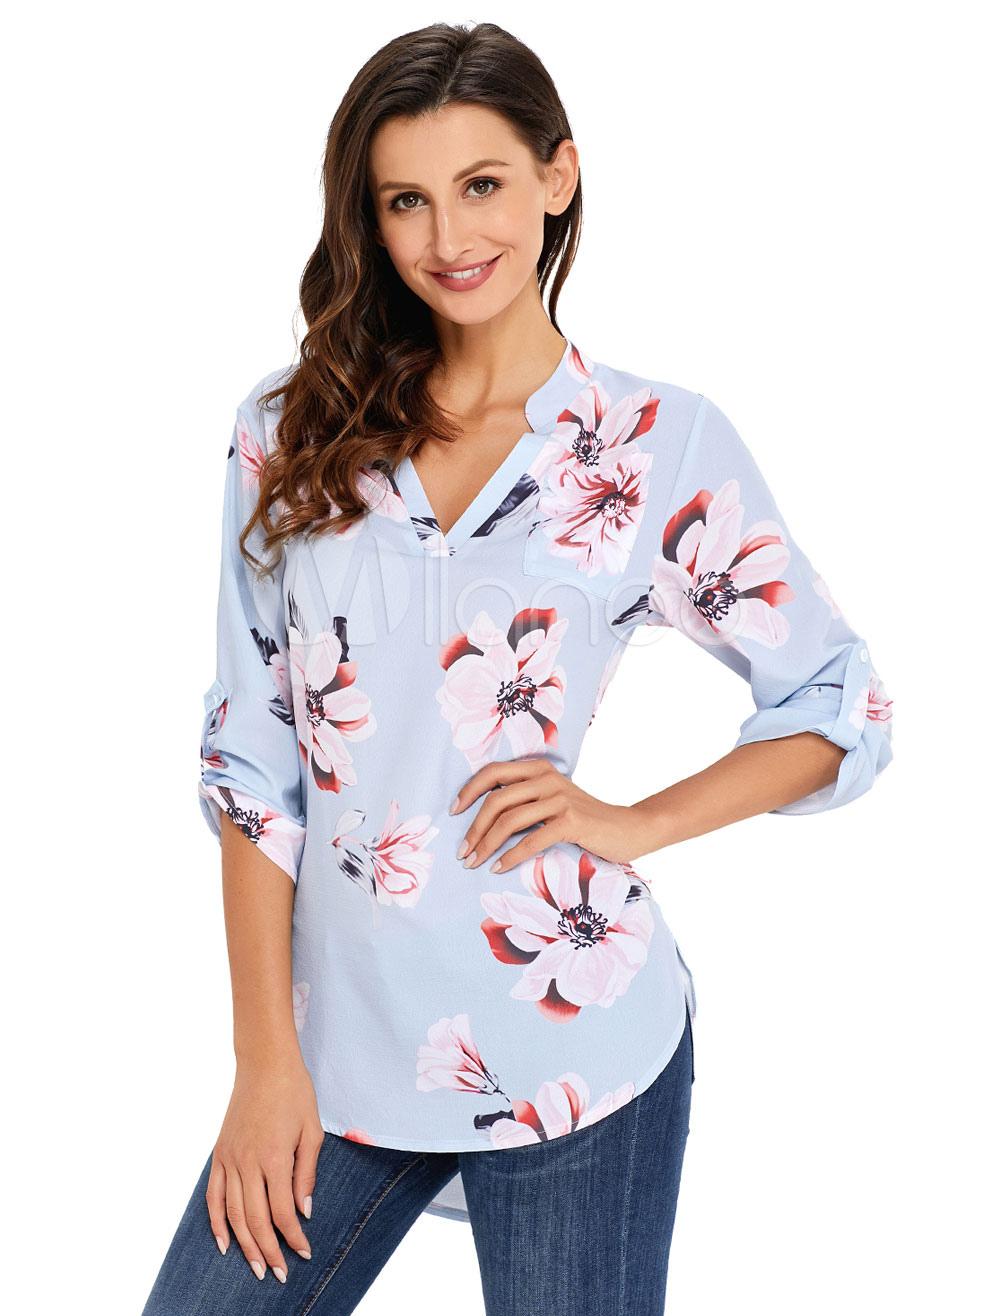 d3a07403 Women Floral Blouse V Neck High Low Adjustable Sleeve Light Blue Spring Top